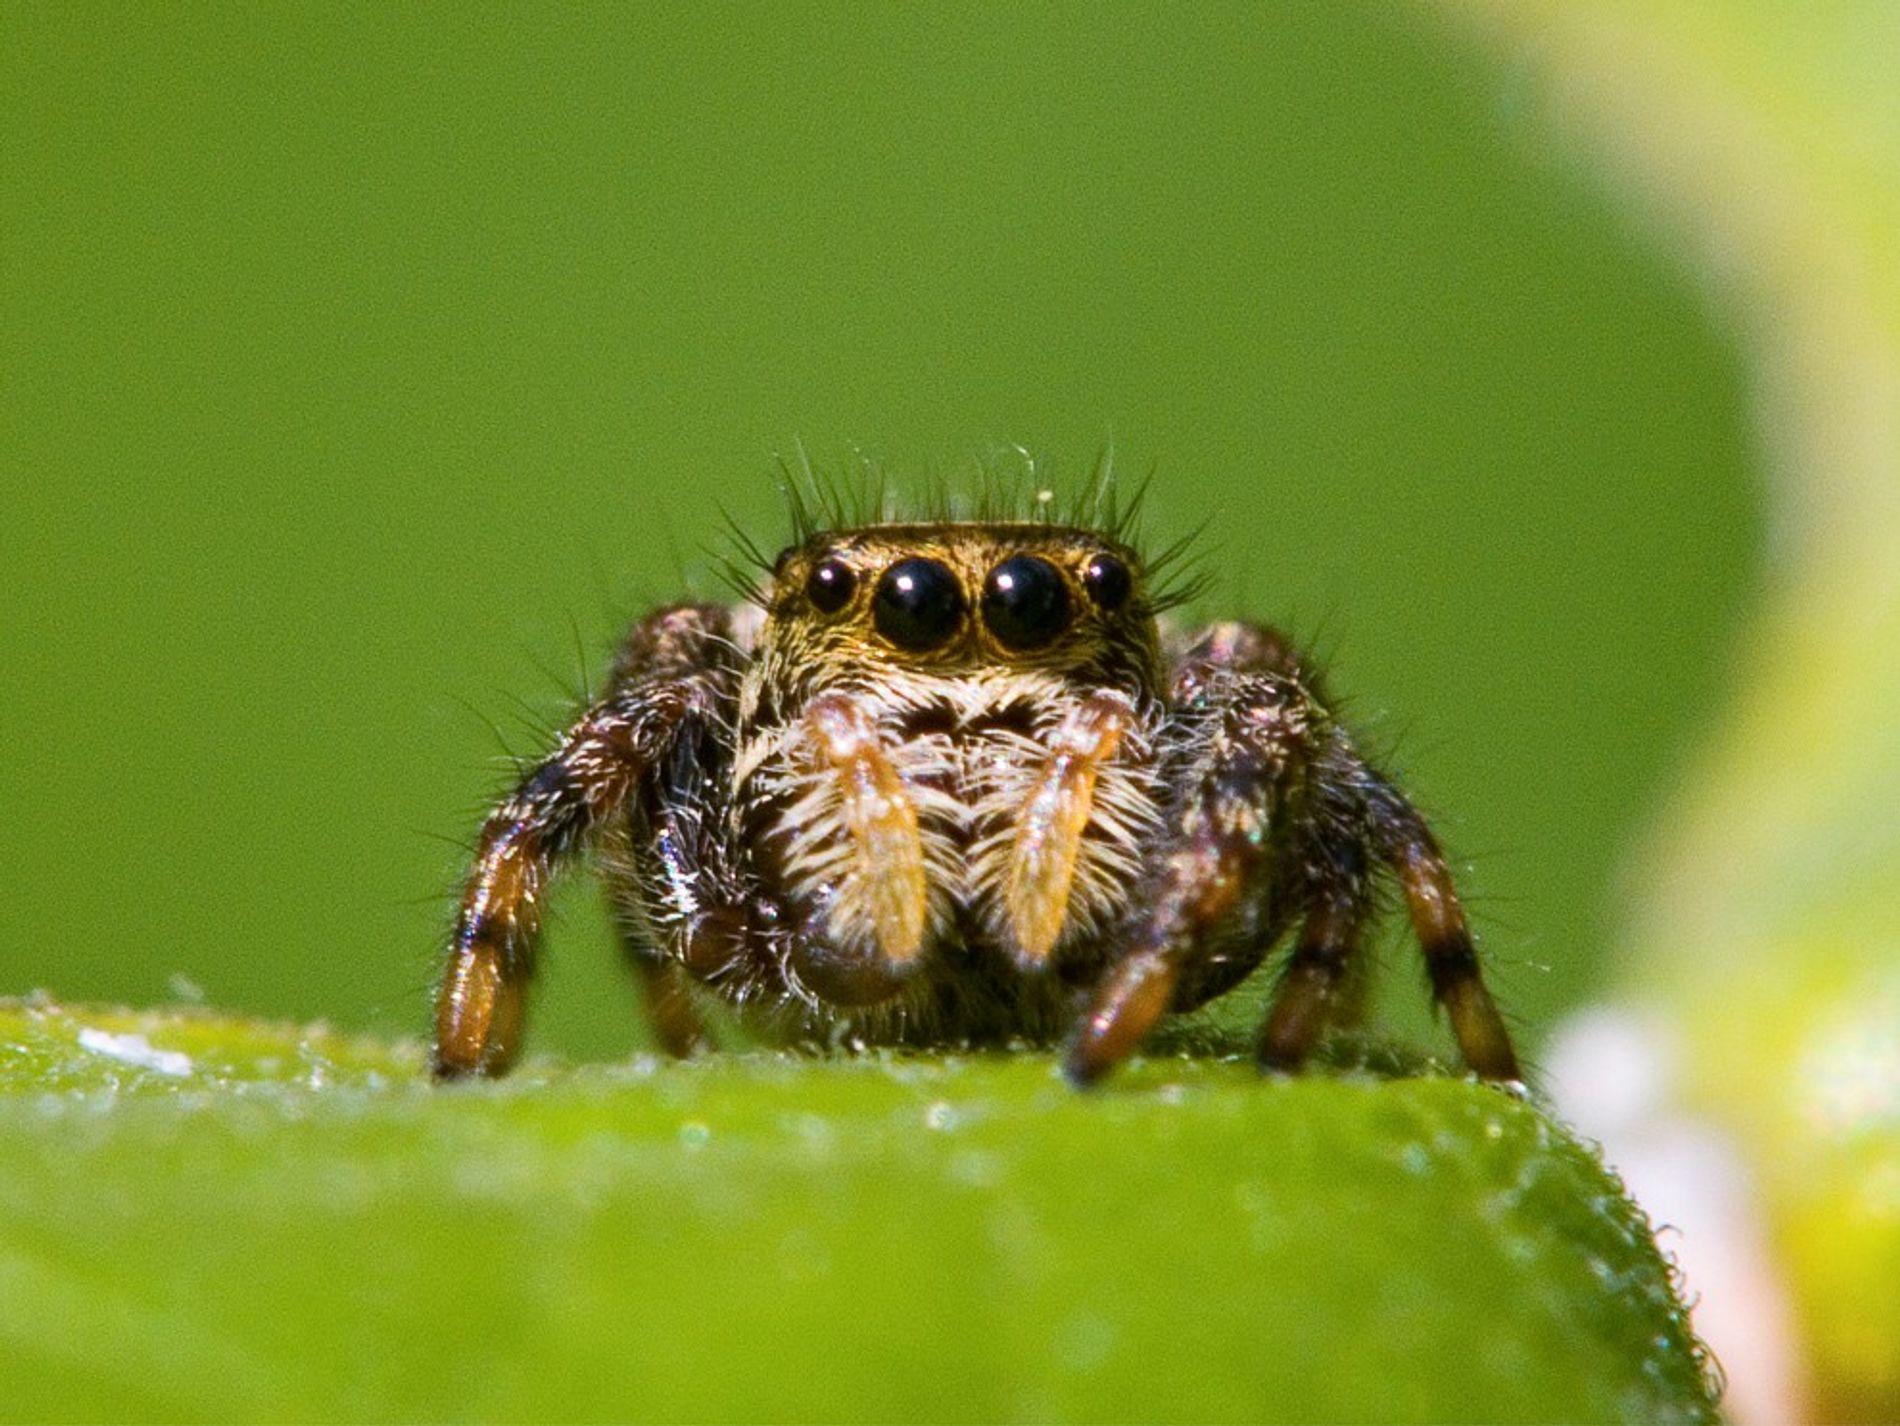 Ein ausgewachsenes Weibchen der Springspinnen-Art Phidippus clarus.